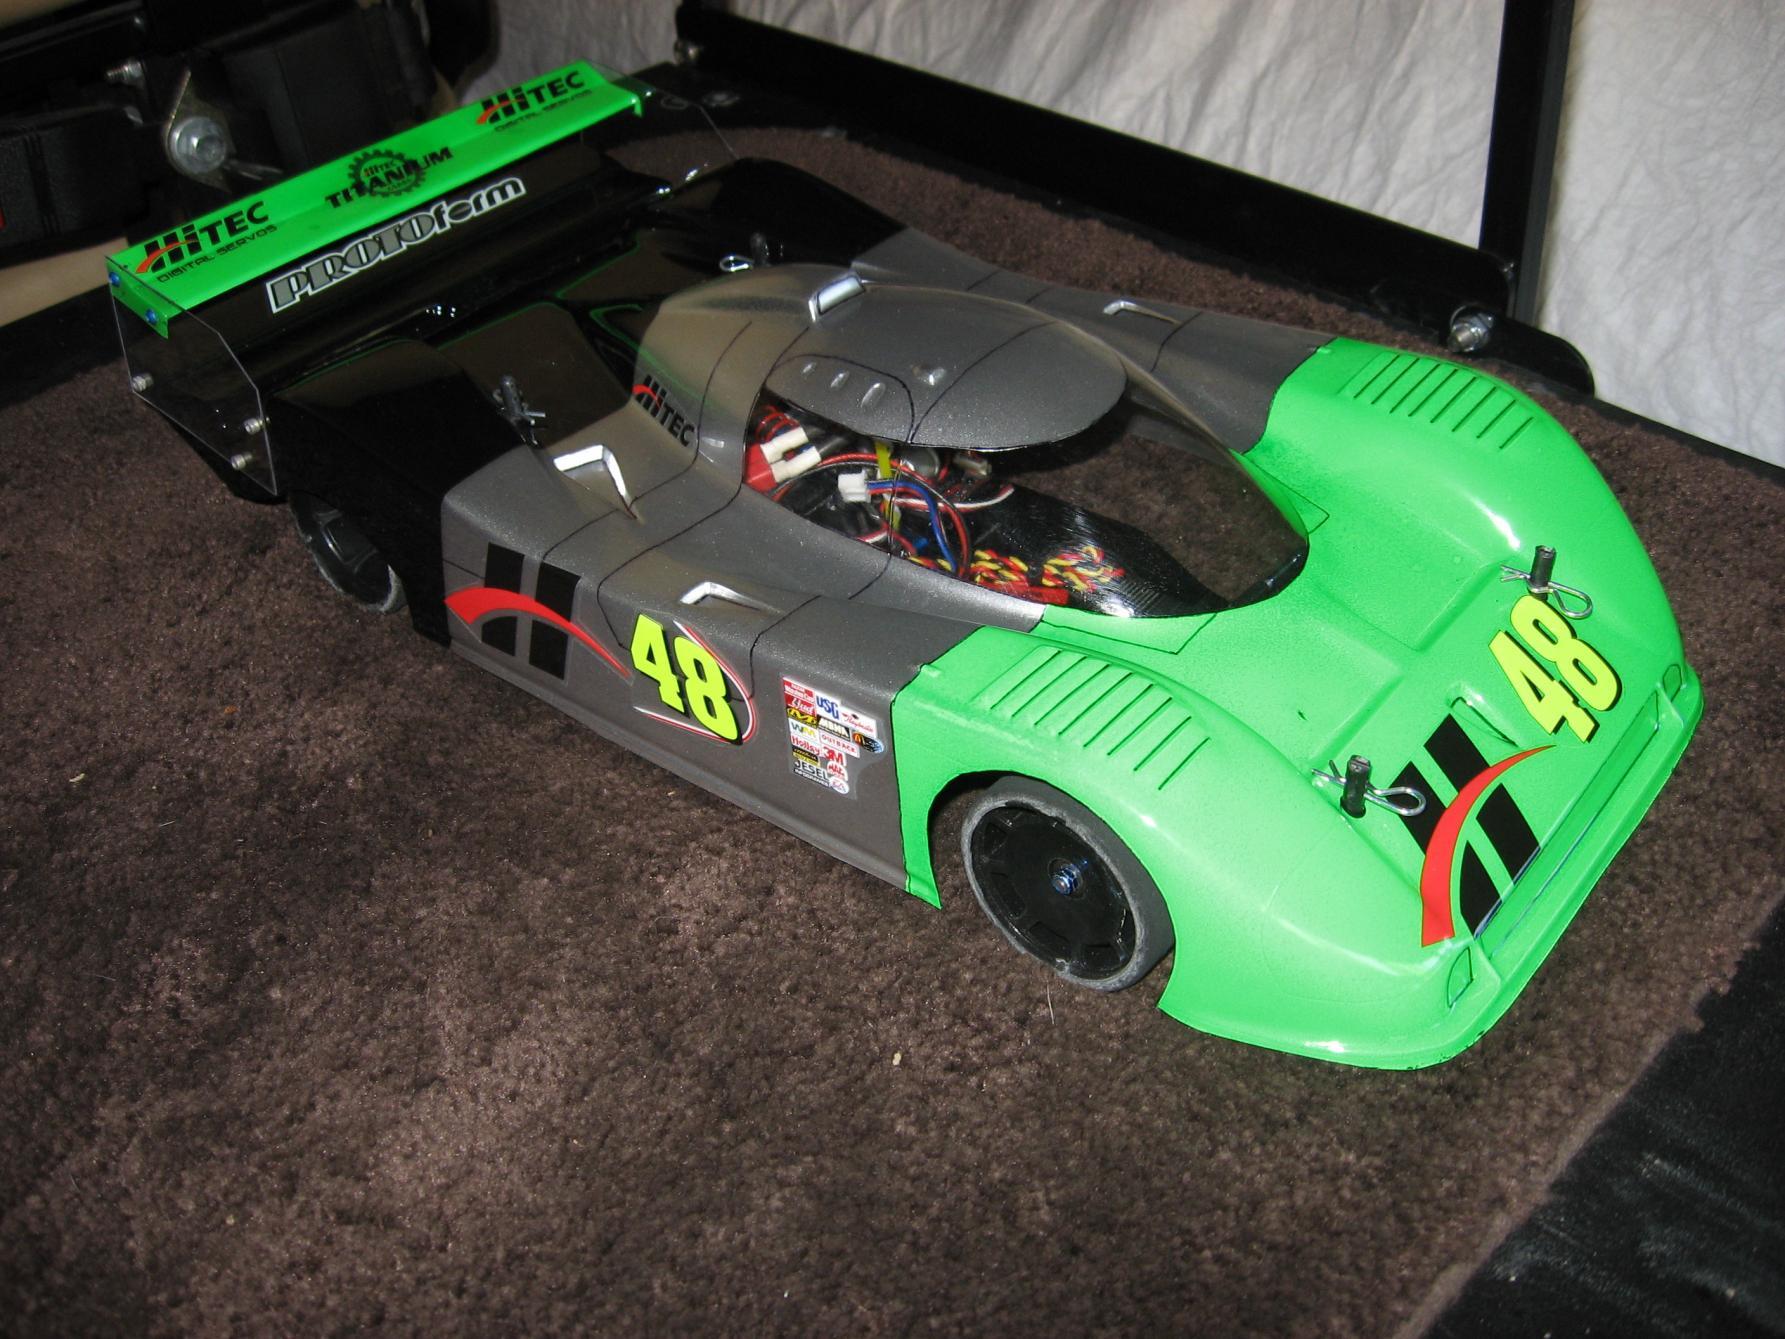 rc cars racing - HD1785×1339